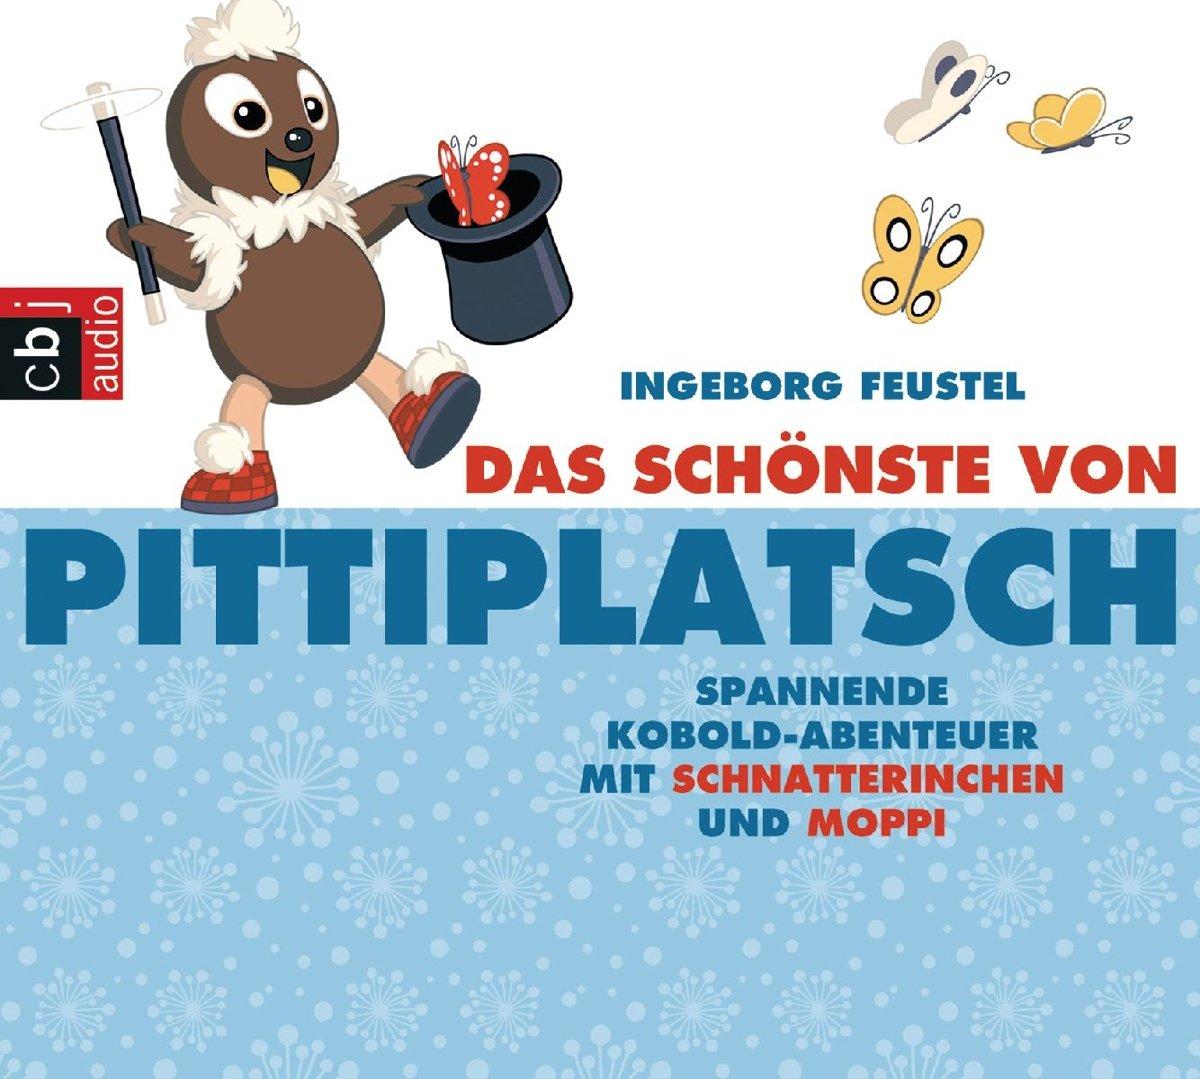 Rezension: Das Schönste von Pittiplatsch: Spannende Kobold-Abenteuer mit Schnatterinchen und Moppi